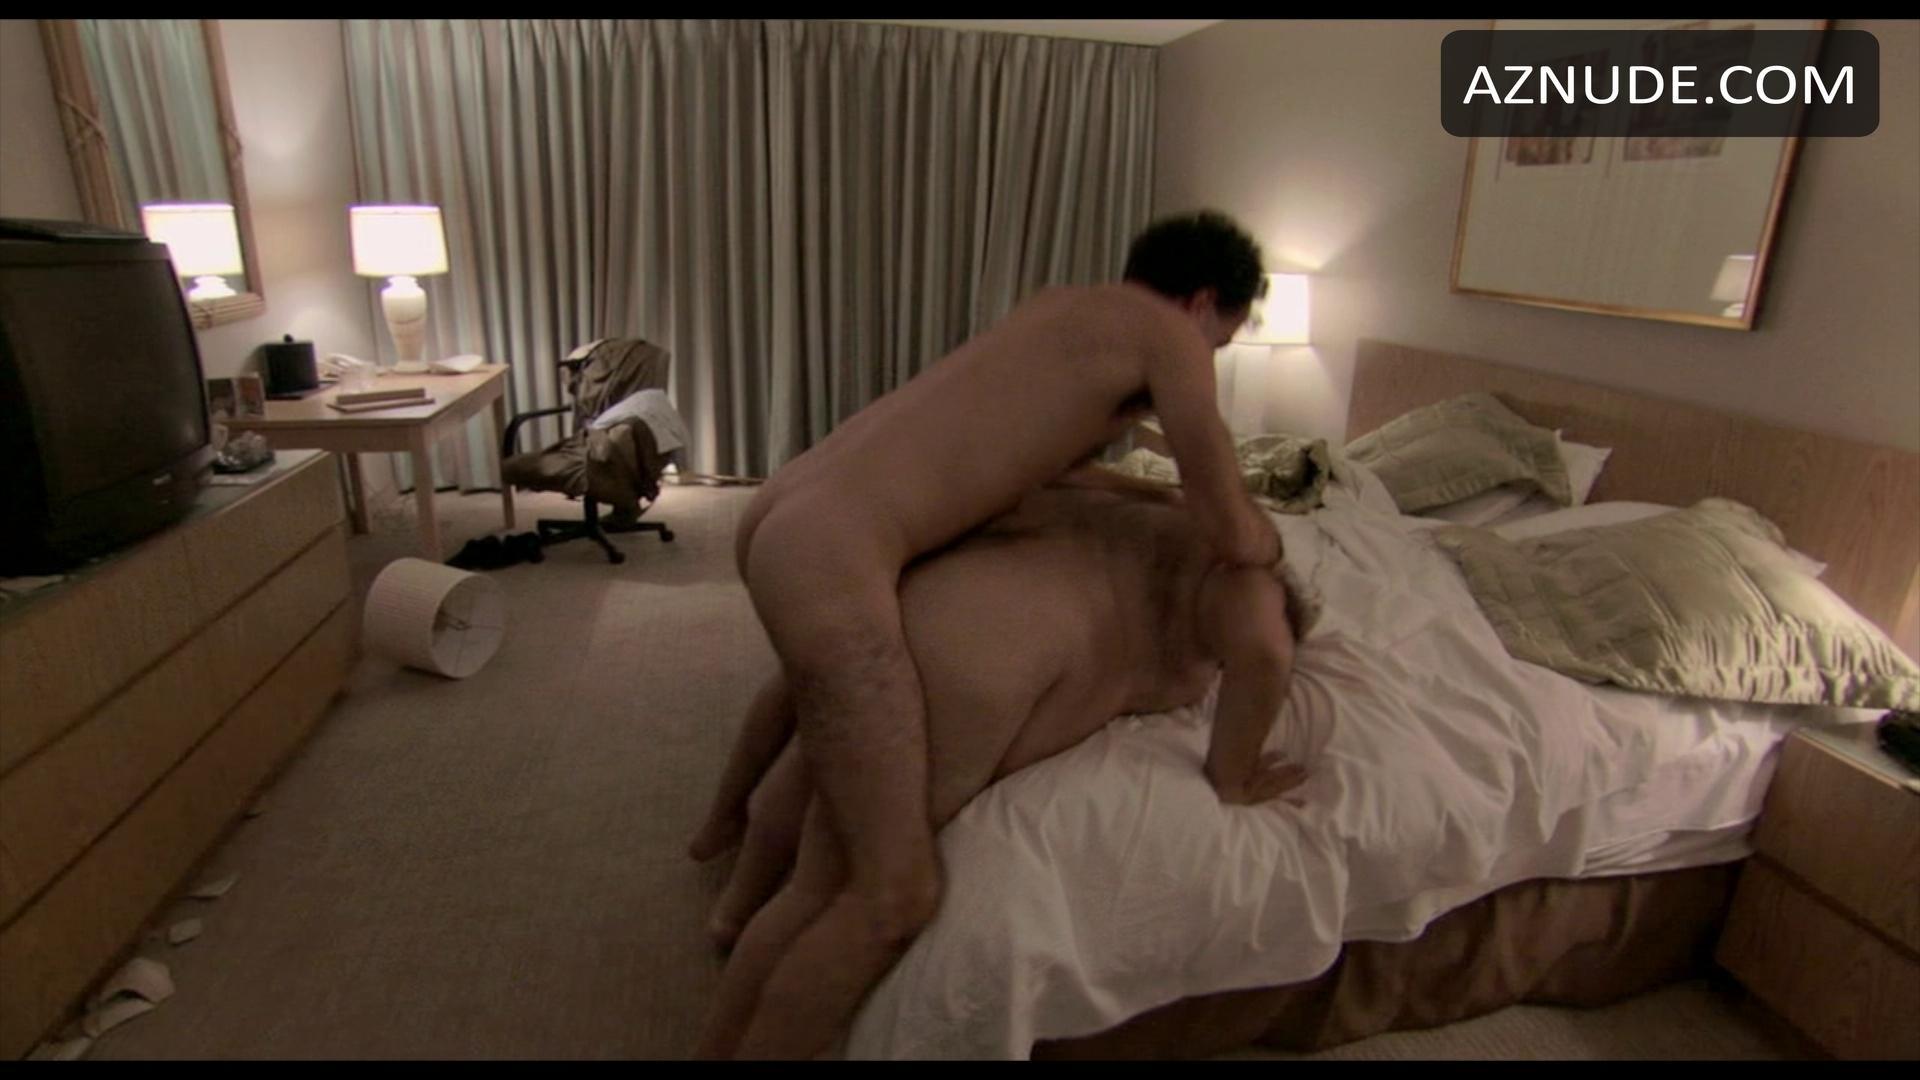 BORAT NUDE SCENES  AZNude Men